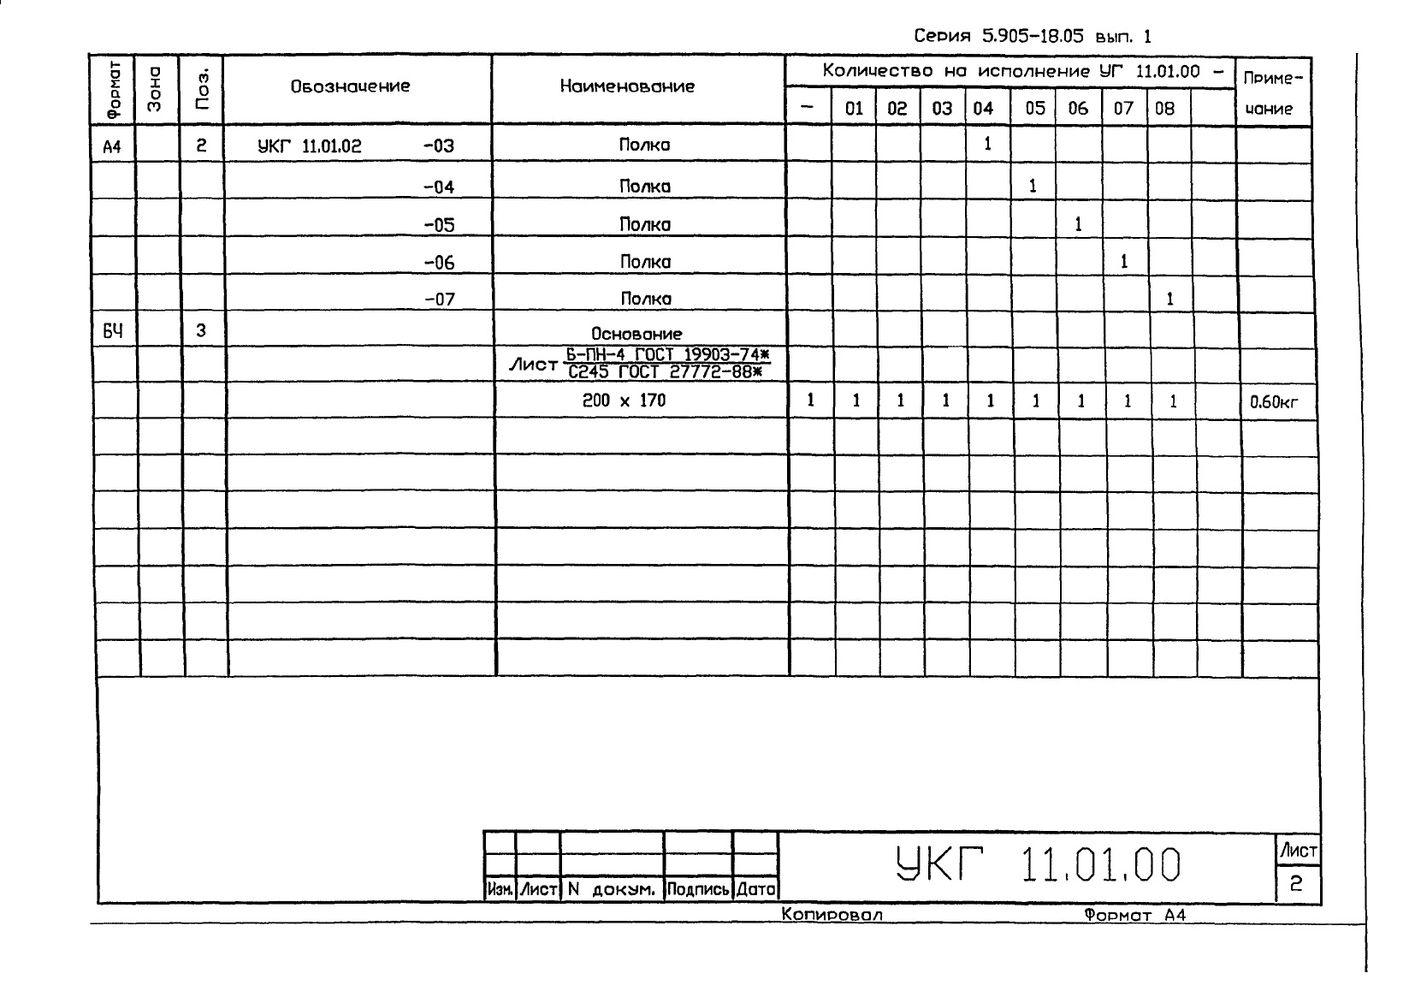 Крепление газопровода на опоре из труб УКГ 11.00 СБ серия 5.905-18.05 выпуск 1 стр.8